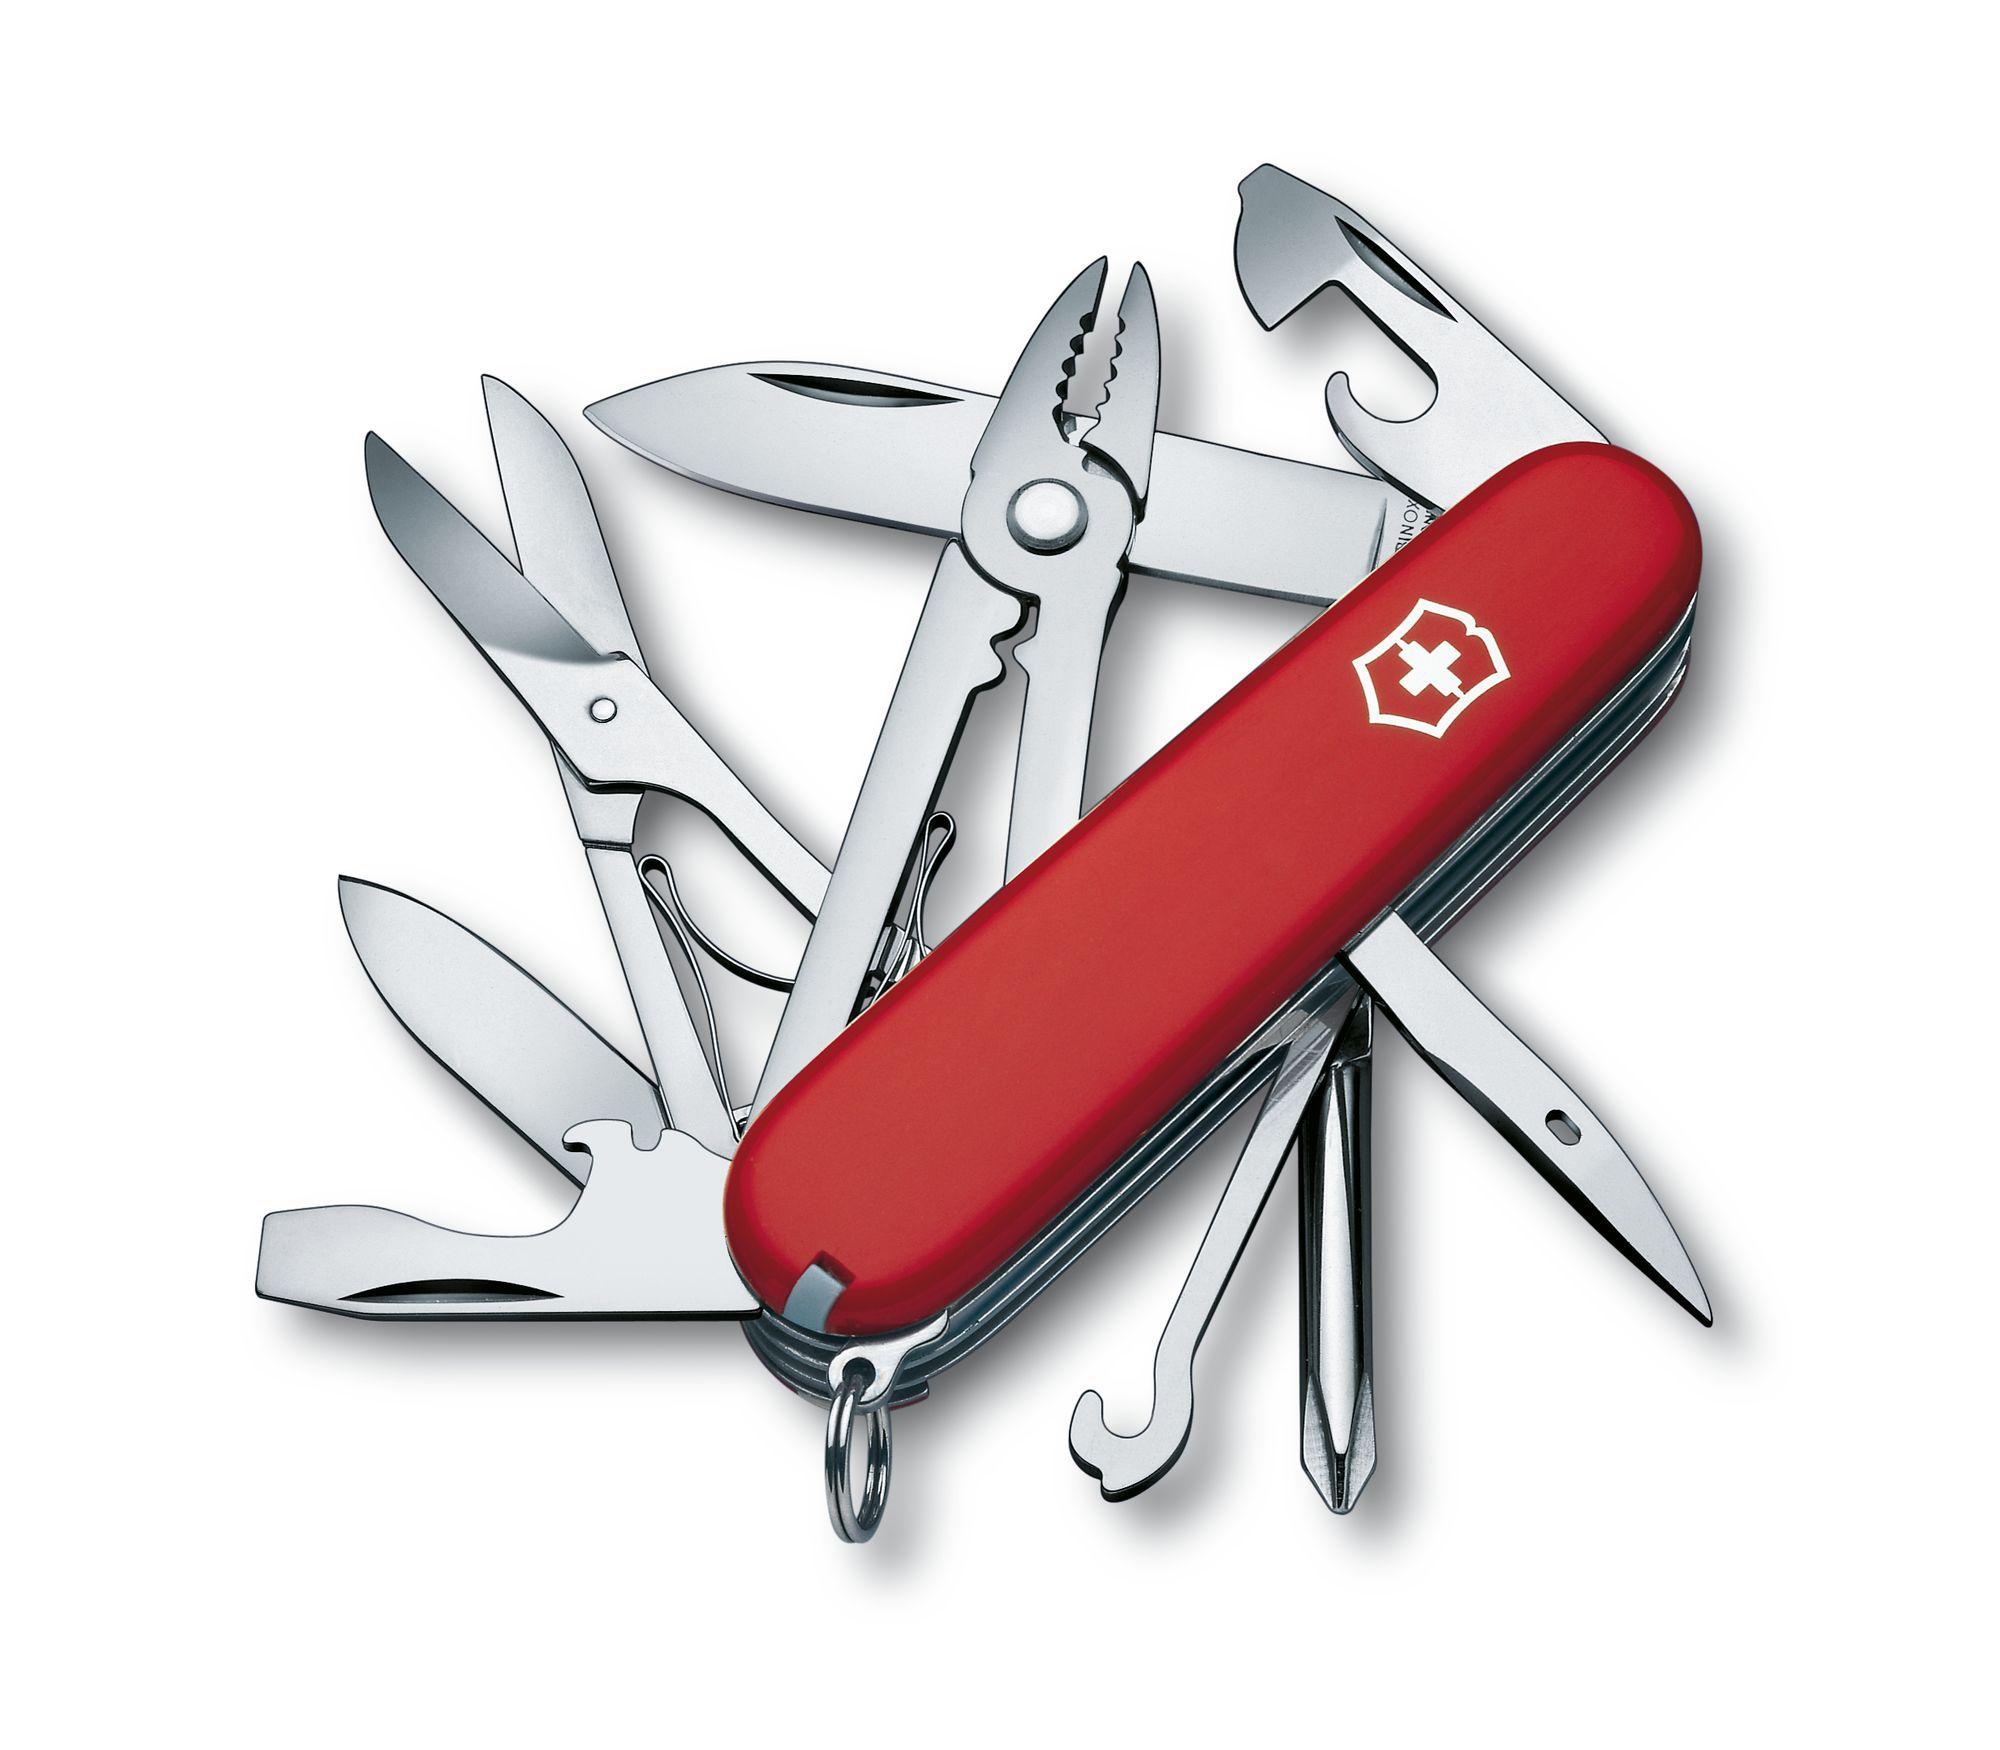 Canivete de bolso com alicate universal - Médio - Victorinox - Vermelho